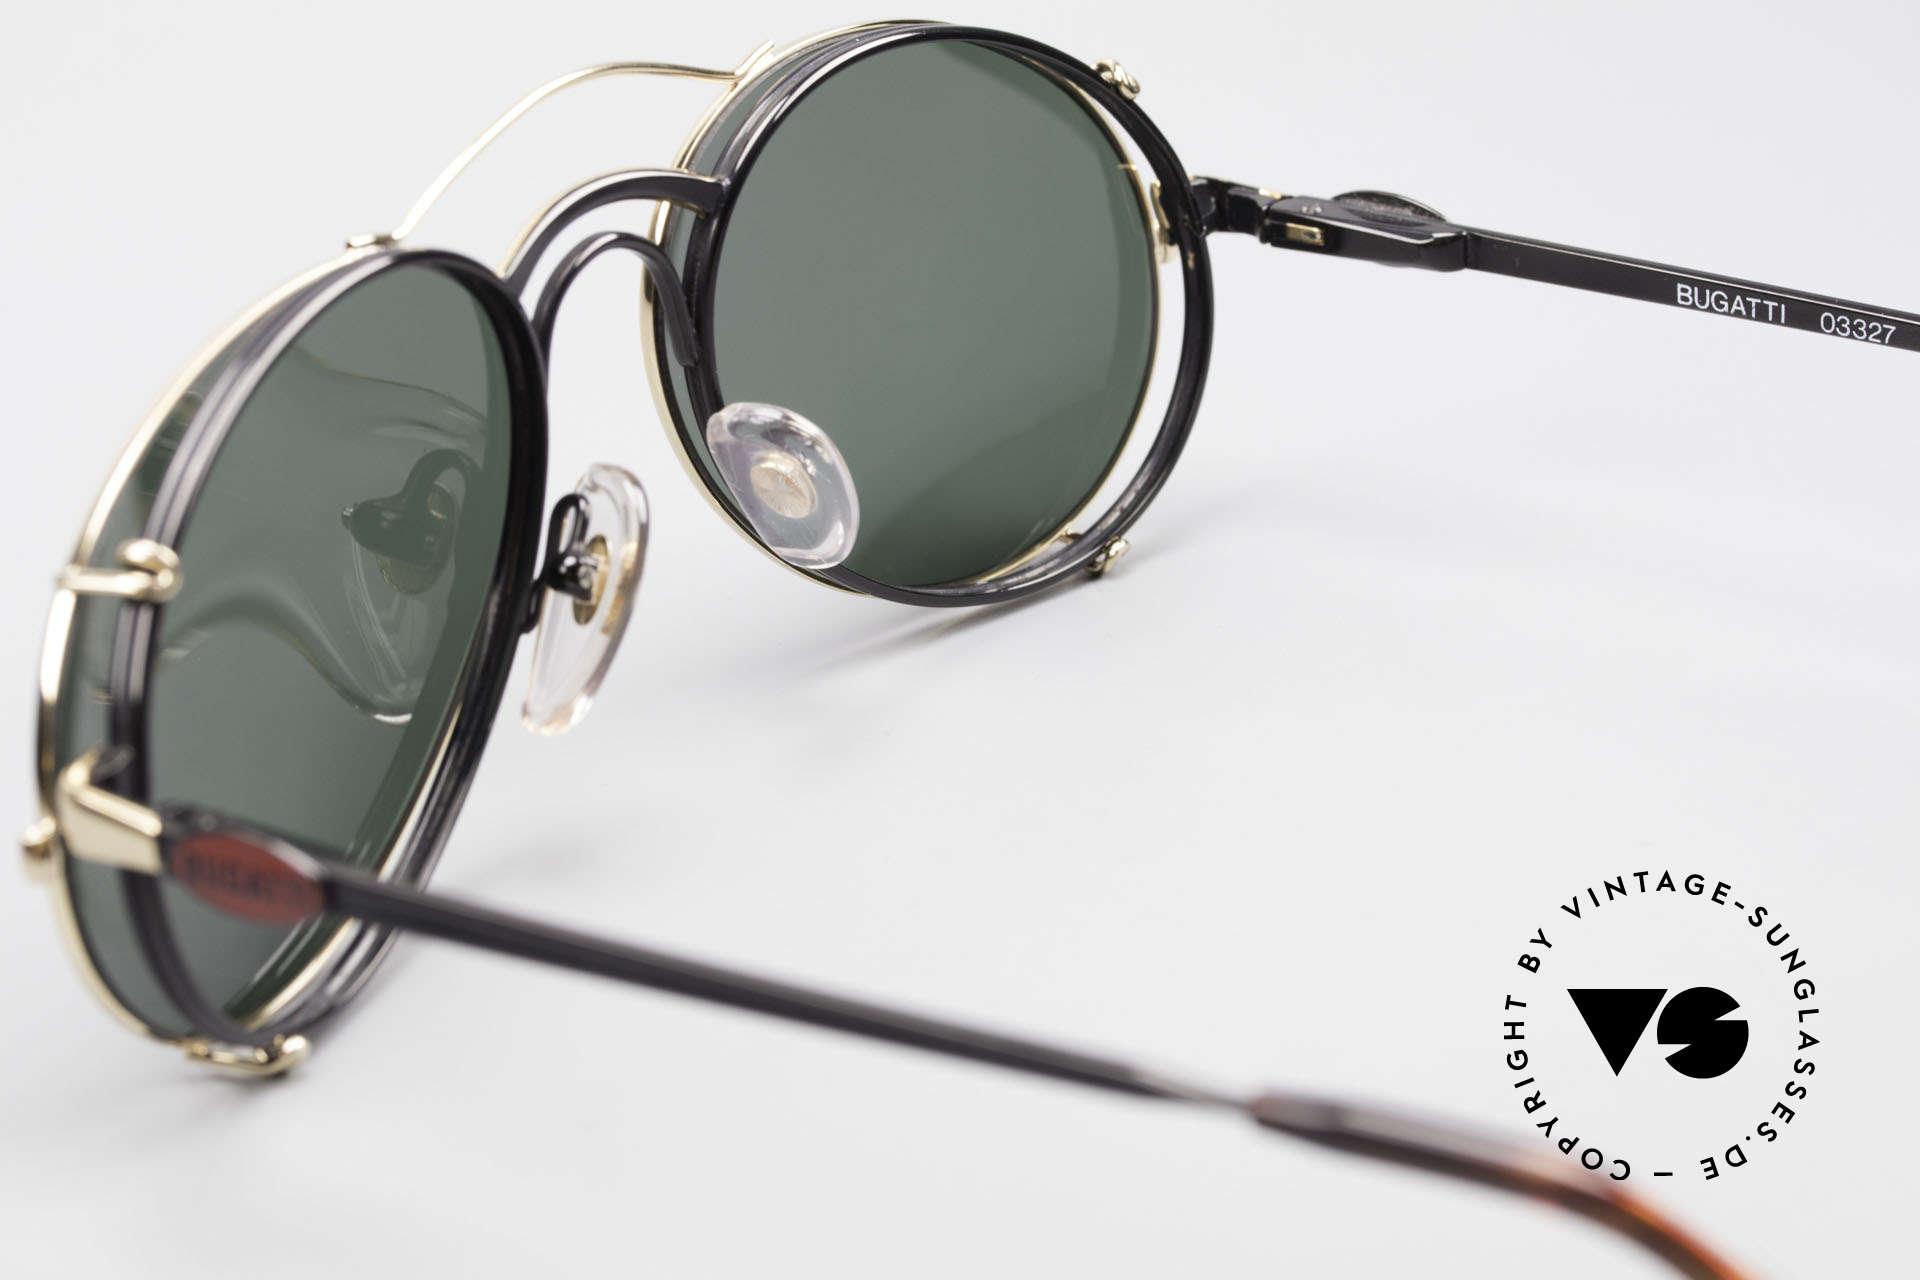 Bugatti 03327 80er Sonnenbrille Mit Clip On, KEINE RETROmode; sondern ein altes 80er ORIGINAL, Passend für Herren